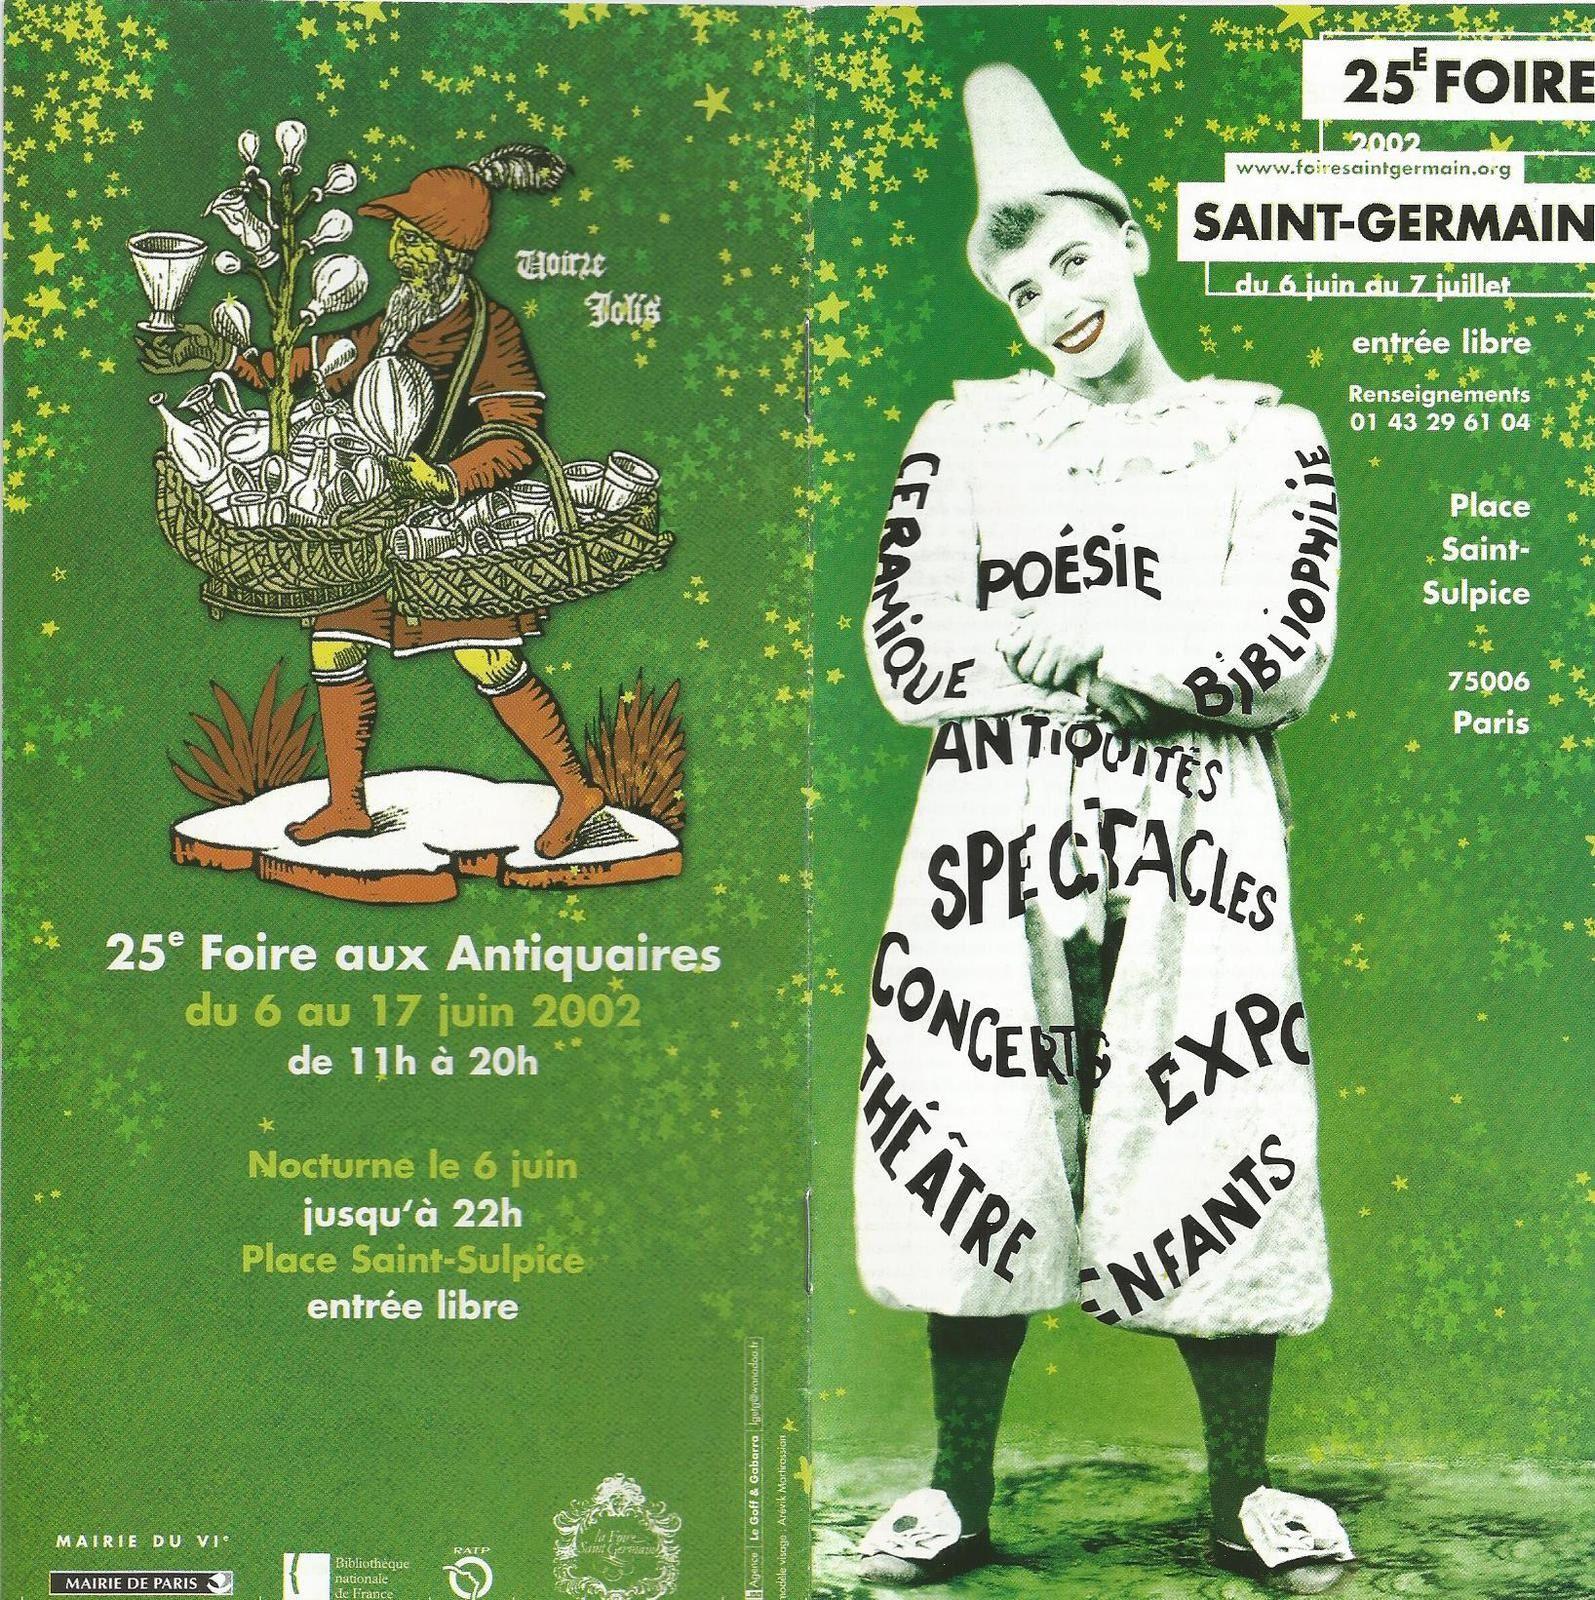 CABARET - Ecole Supérieure d'Art Dramatique de la Ville de Paris (Buvette de la 25° Foire Saint-Germain)